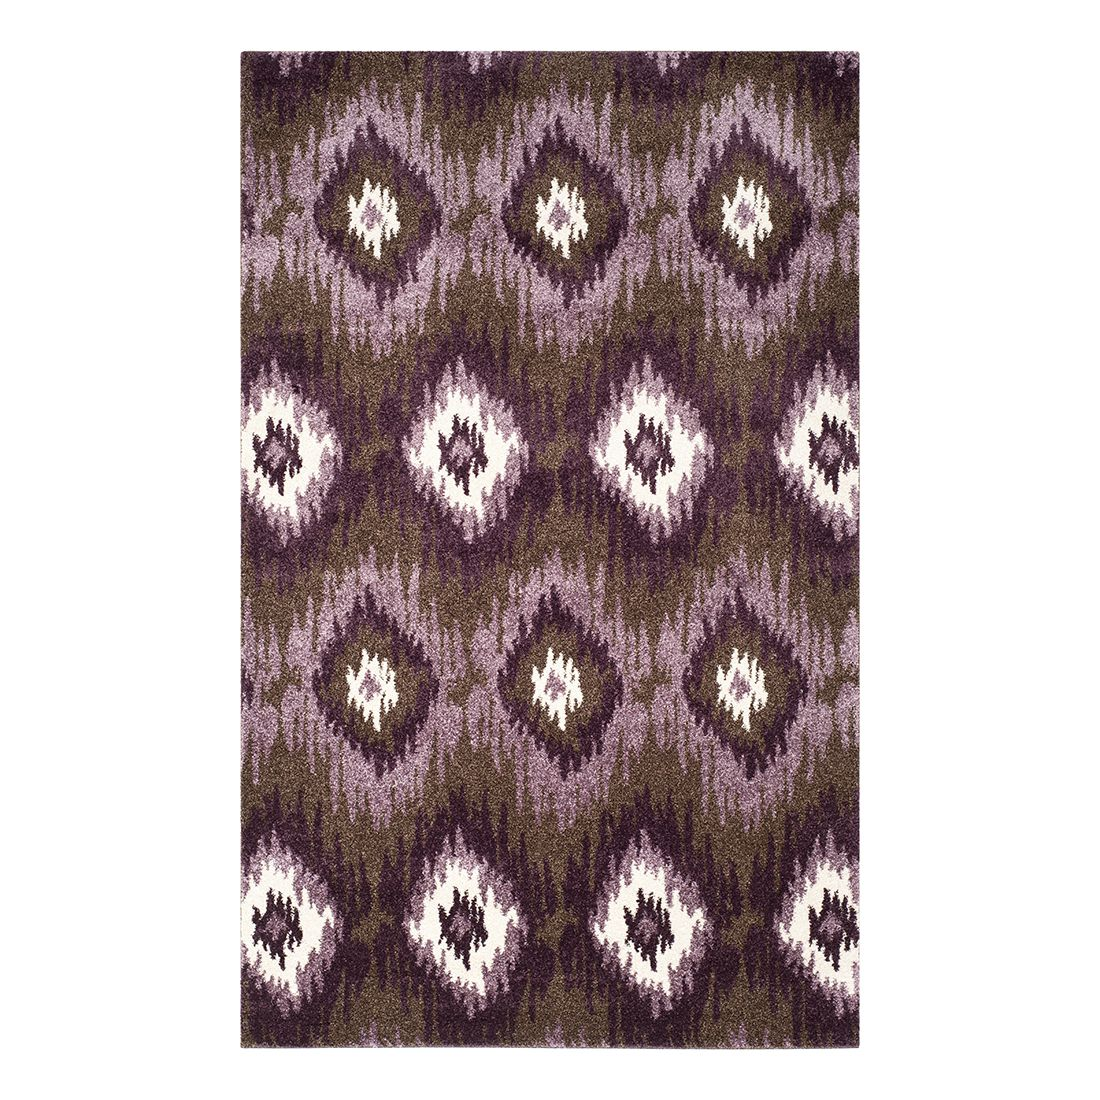 Teppich Sandra – Dunkelbraun/Mehrfarbig – 122 x 183 cm, Safavieh günstig kaufen